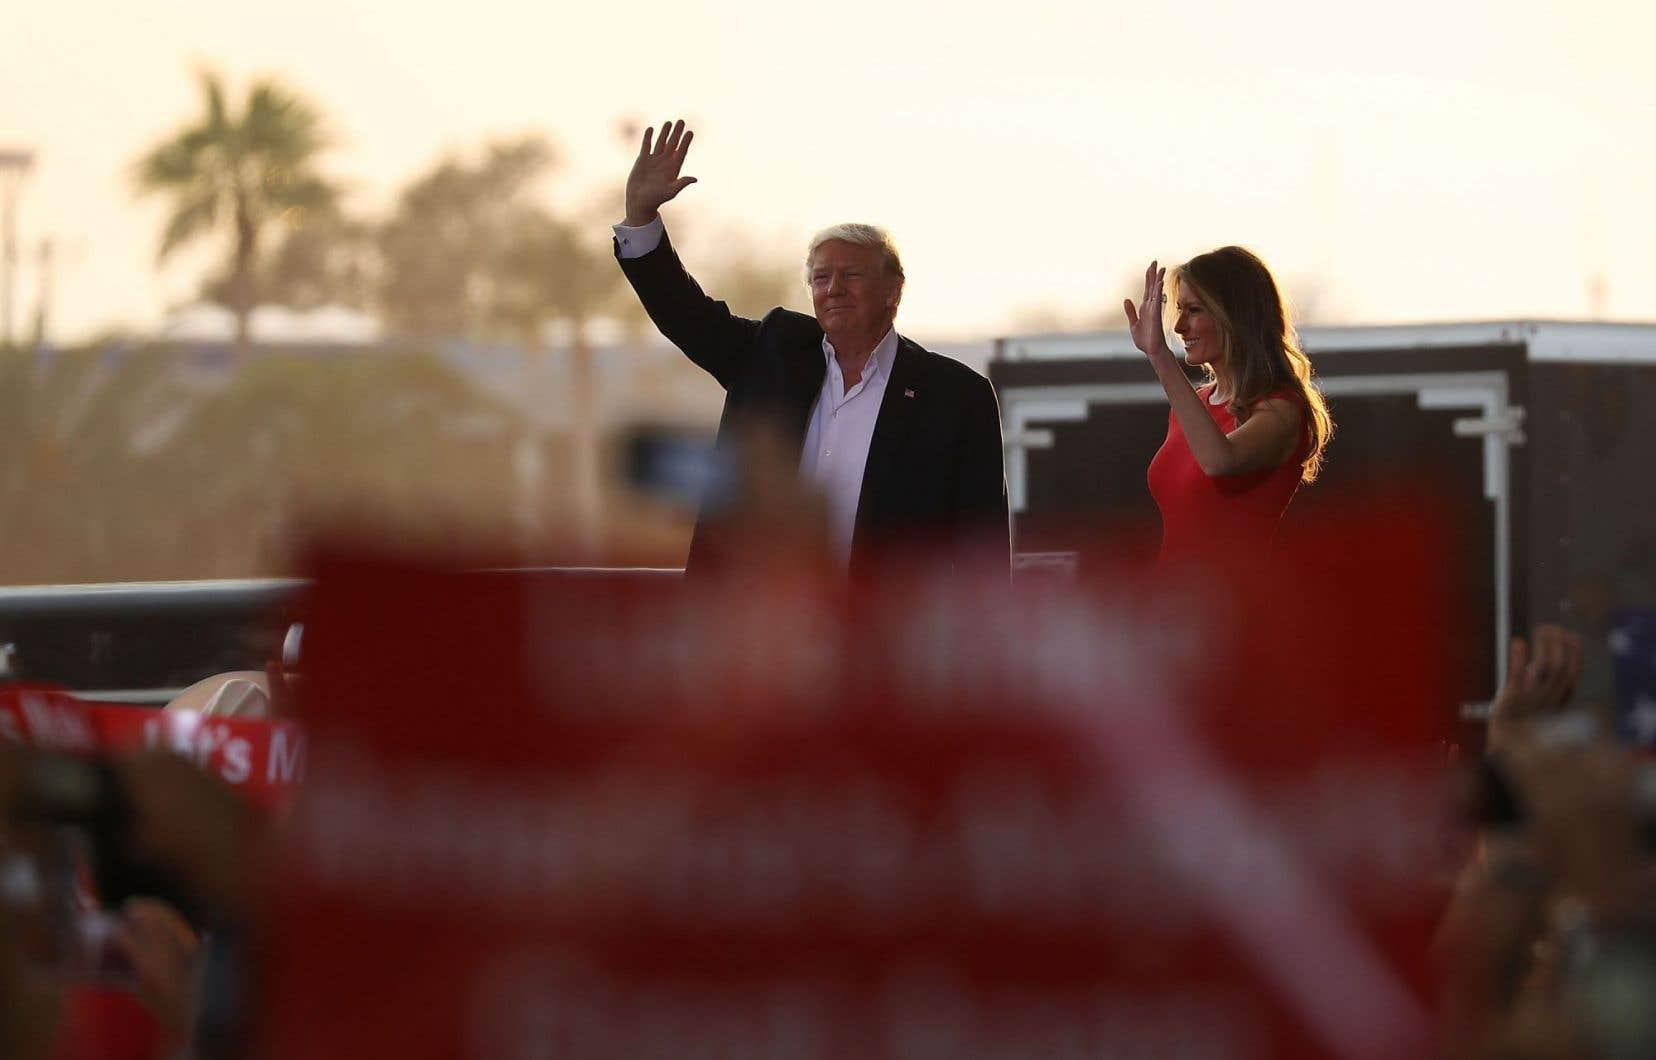 Le président américain, Donald Trump, avec sa femme Melania Trump lors d'un rassemblement en Floride, le 18 février.